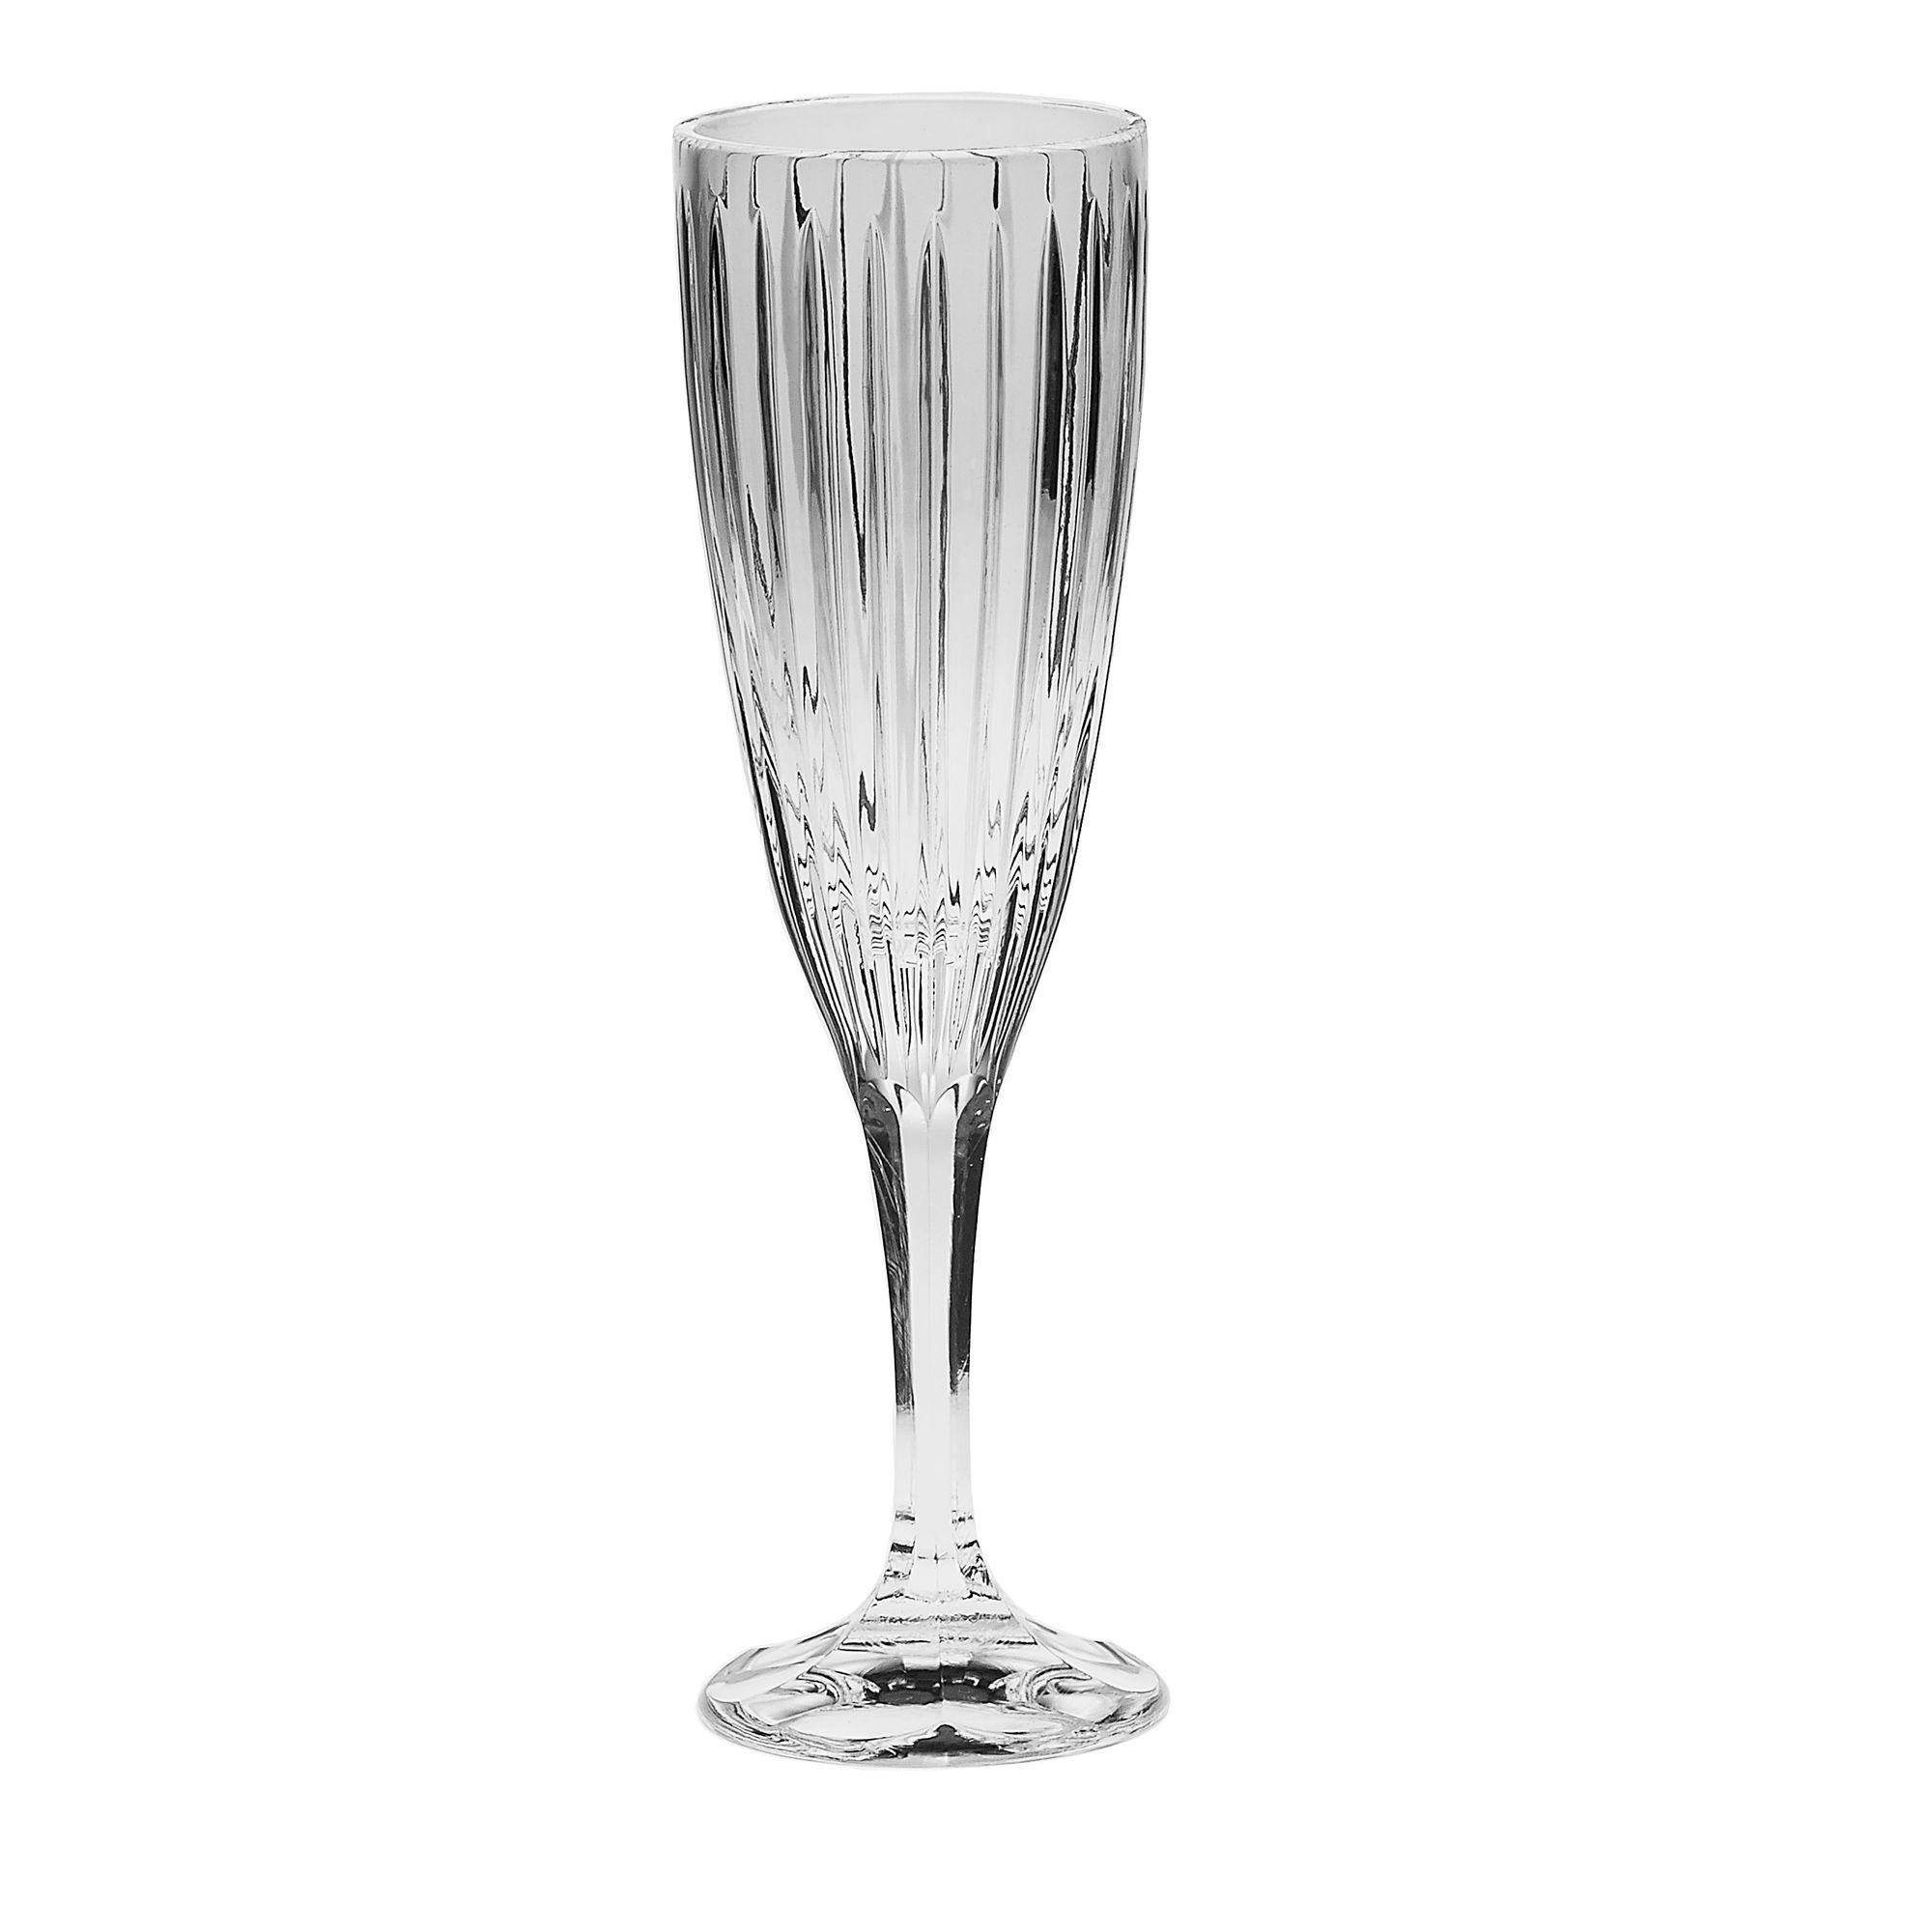 Набор рюмок д/шампанского &quot,Skyline&quot,, 180 мл (2шт.), Хрусталь